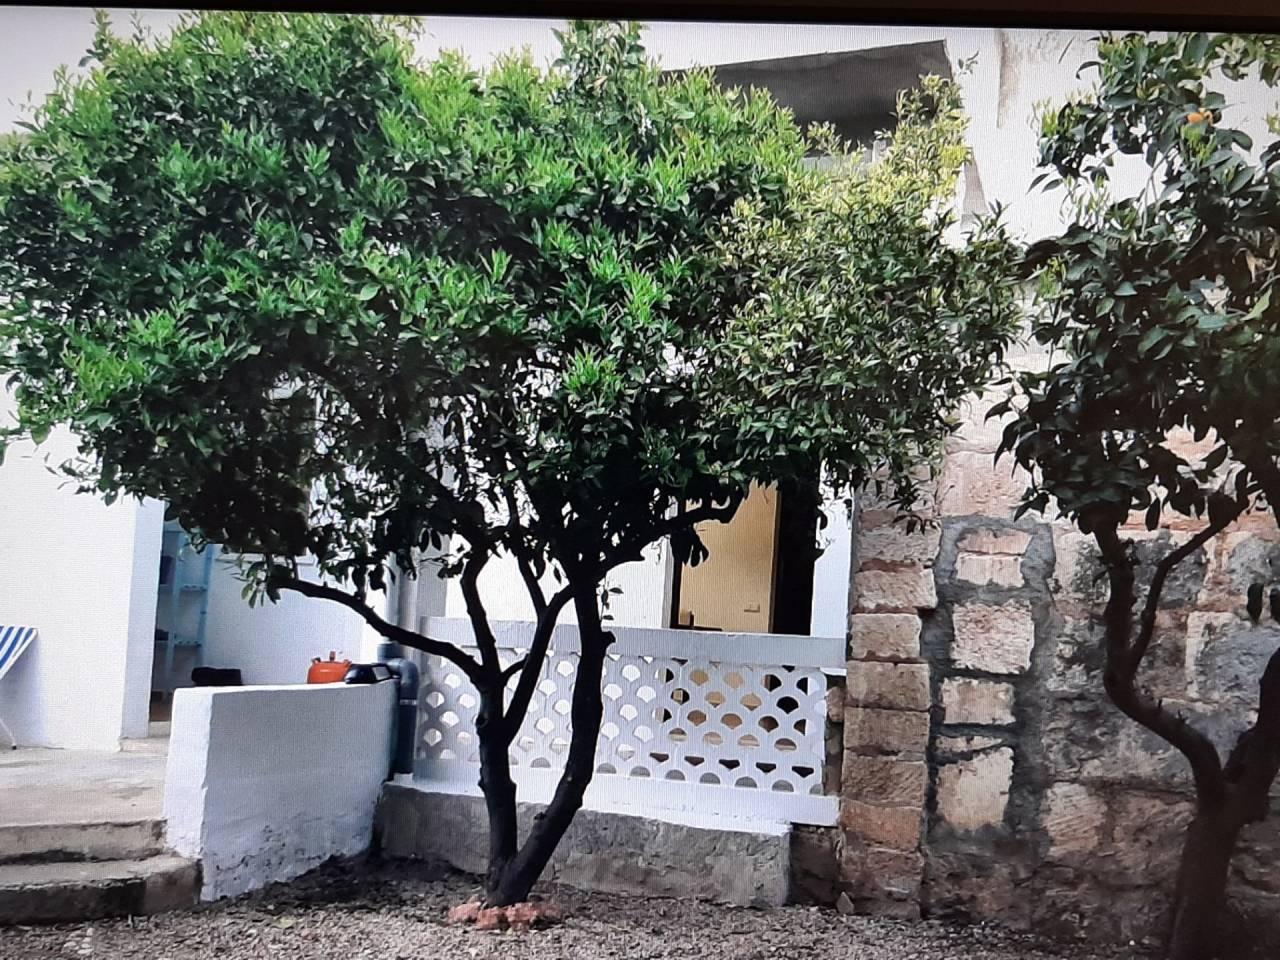 Location Maison  Sa pobla. Casa de pueblo con 4 habitaciones dobles y con un gan jardín. es